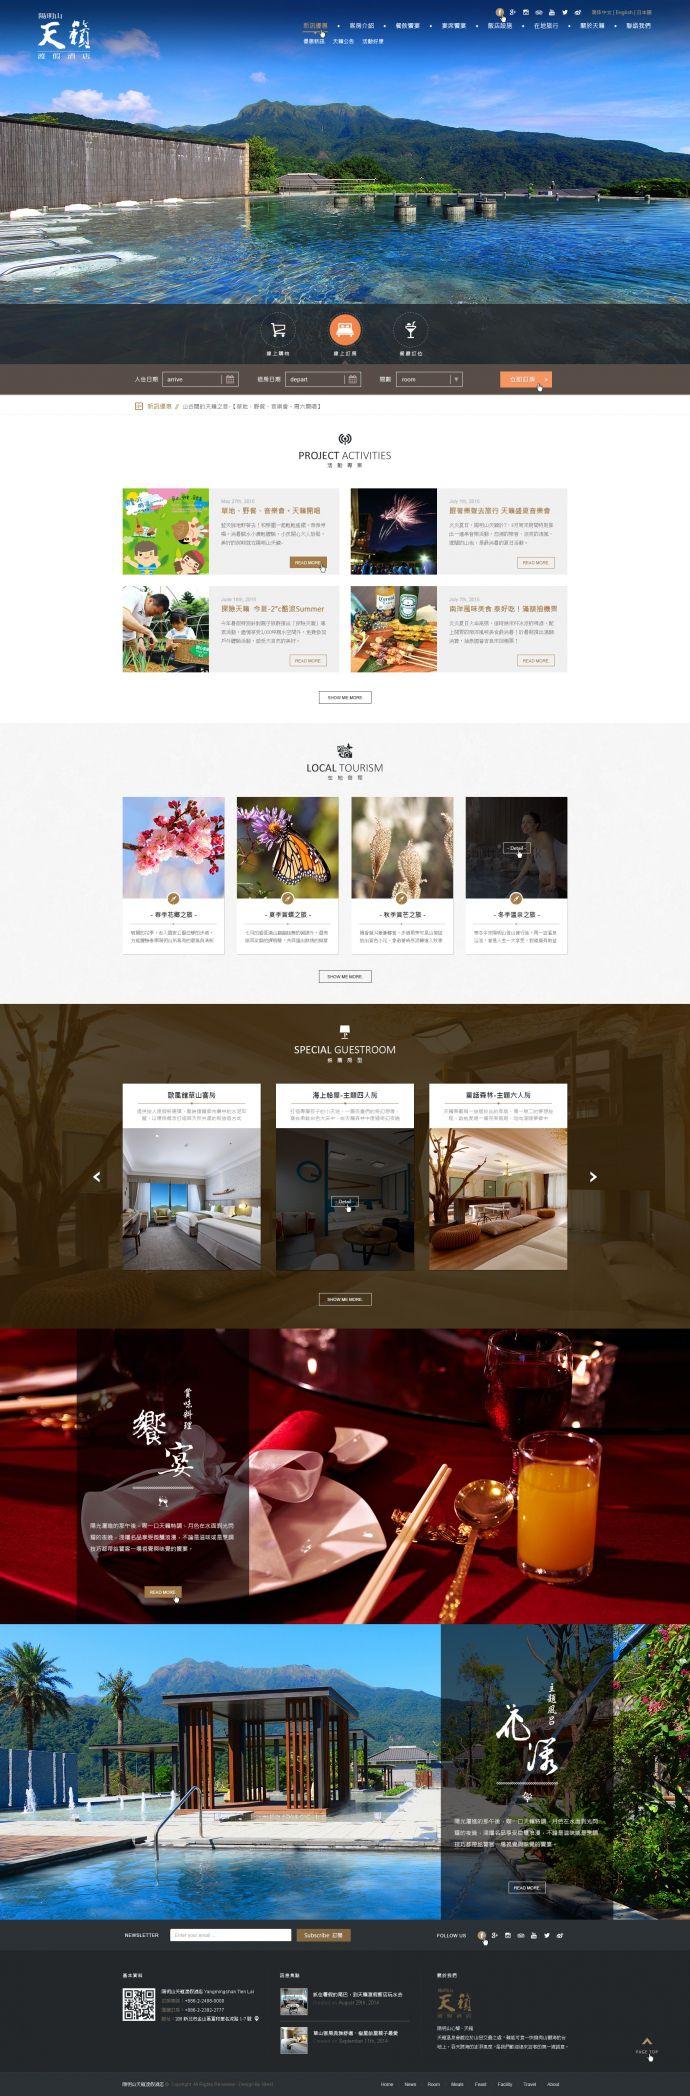 陽明山天籟溫泉渡假酒店-網頁設計